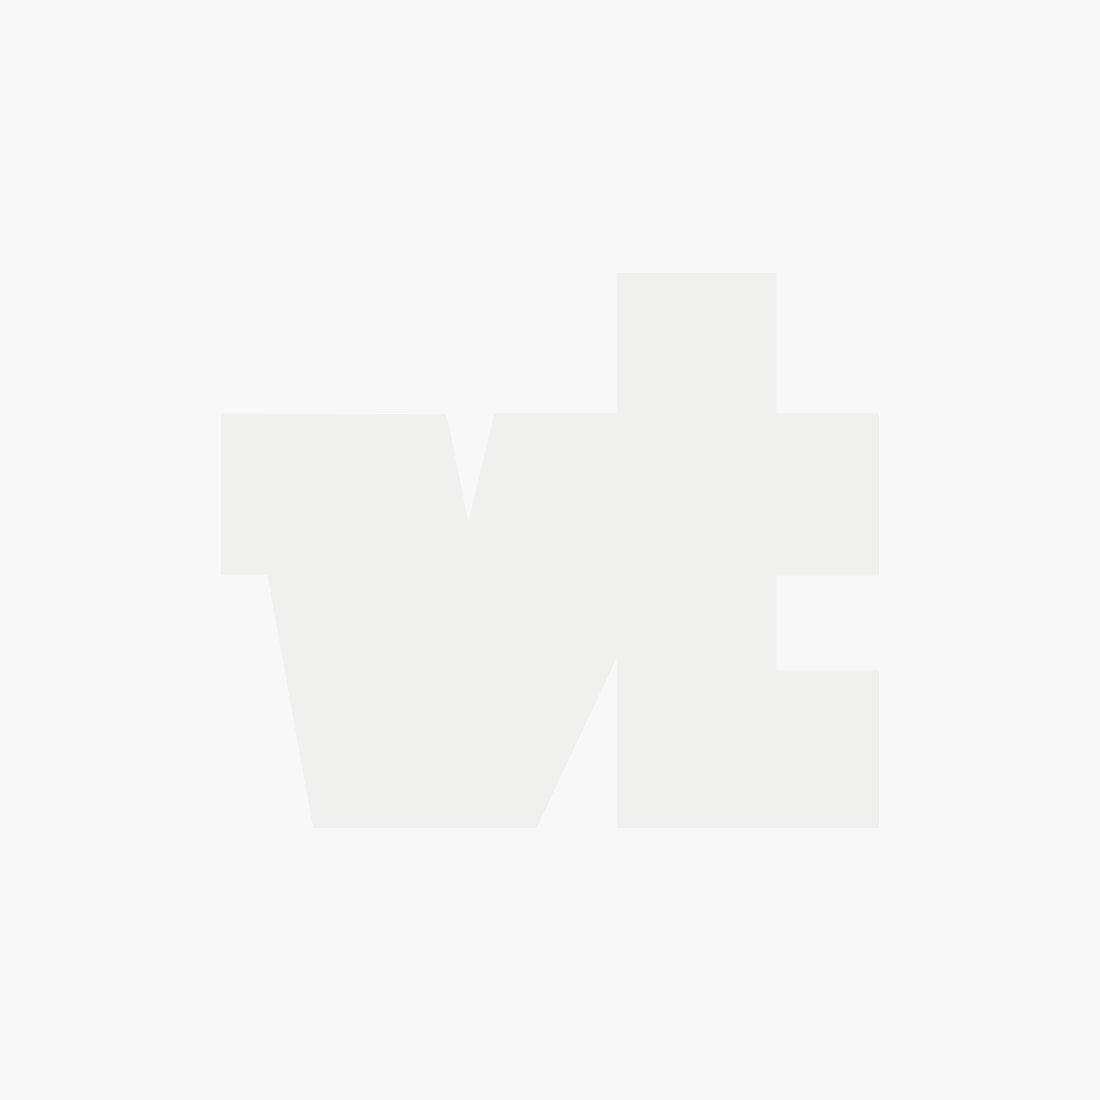 Meefic sqr quilted jacket black